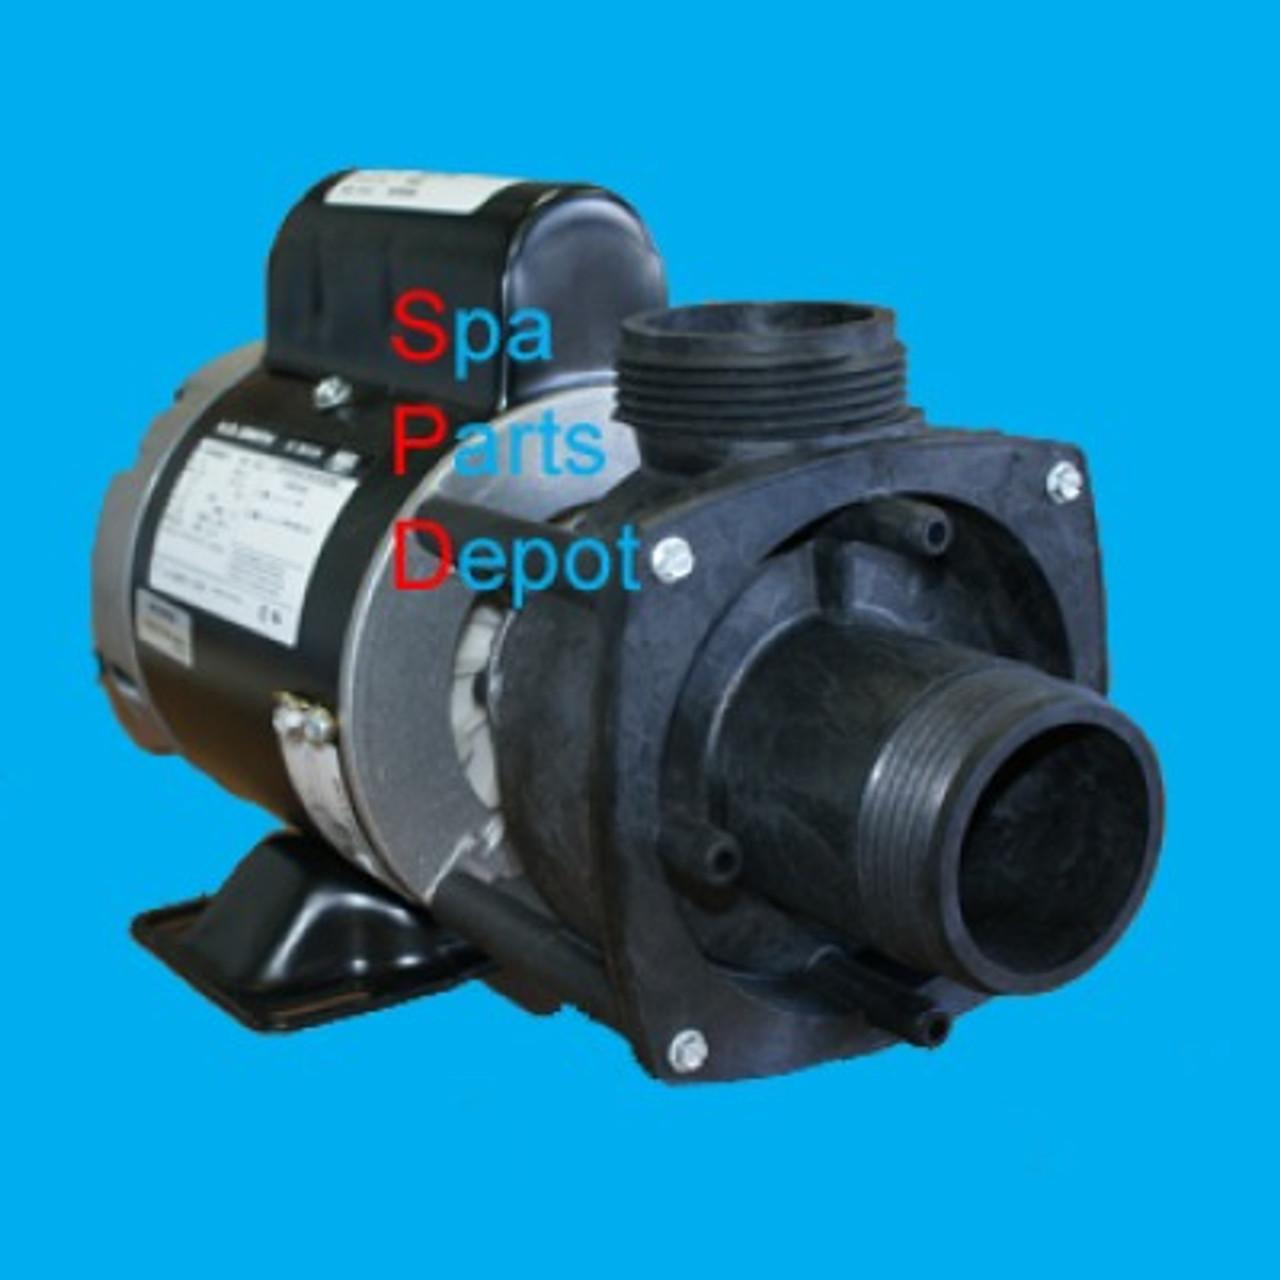 X321791 Master Spas Circulation Pump 115V